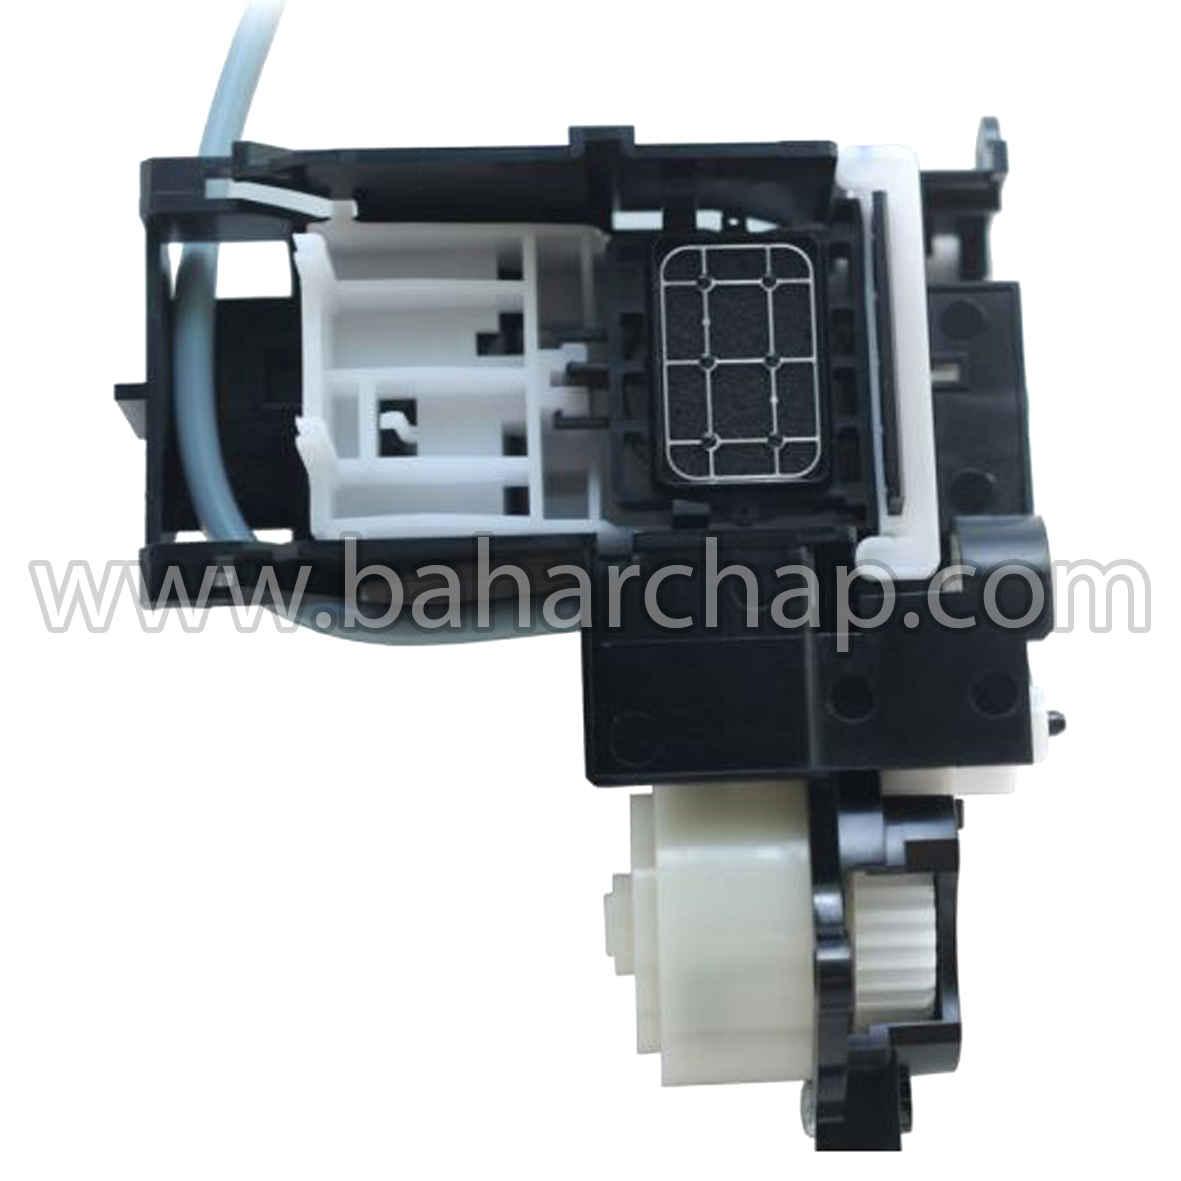 فروشگاه و خدمات اینترنتی بهارچاپ اصفهان-پمپ مکنده جوهر اپسون T50,P50,L800,L805-Original Epson T50,P50,L800,L805 Pump Assembly